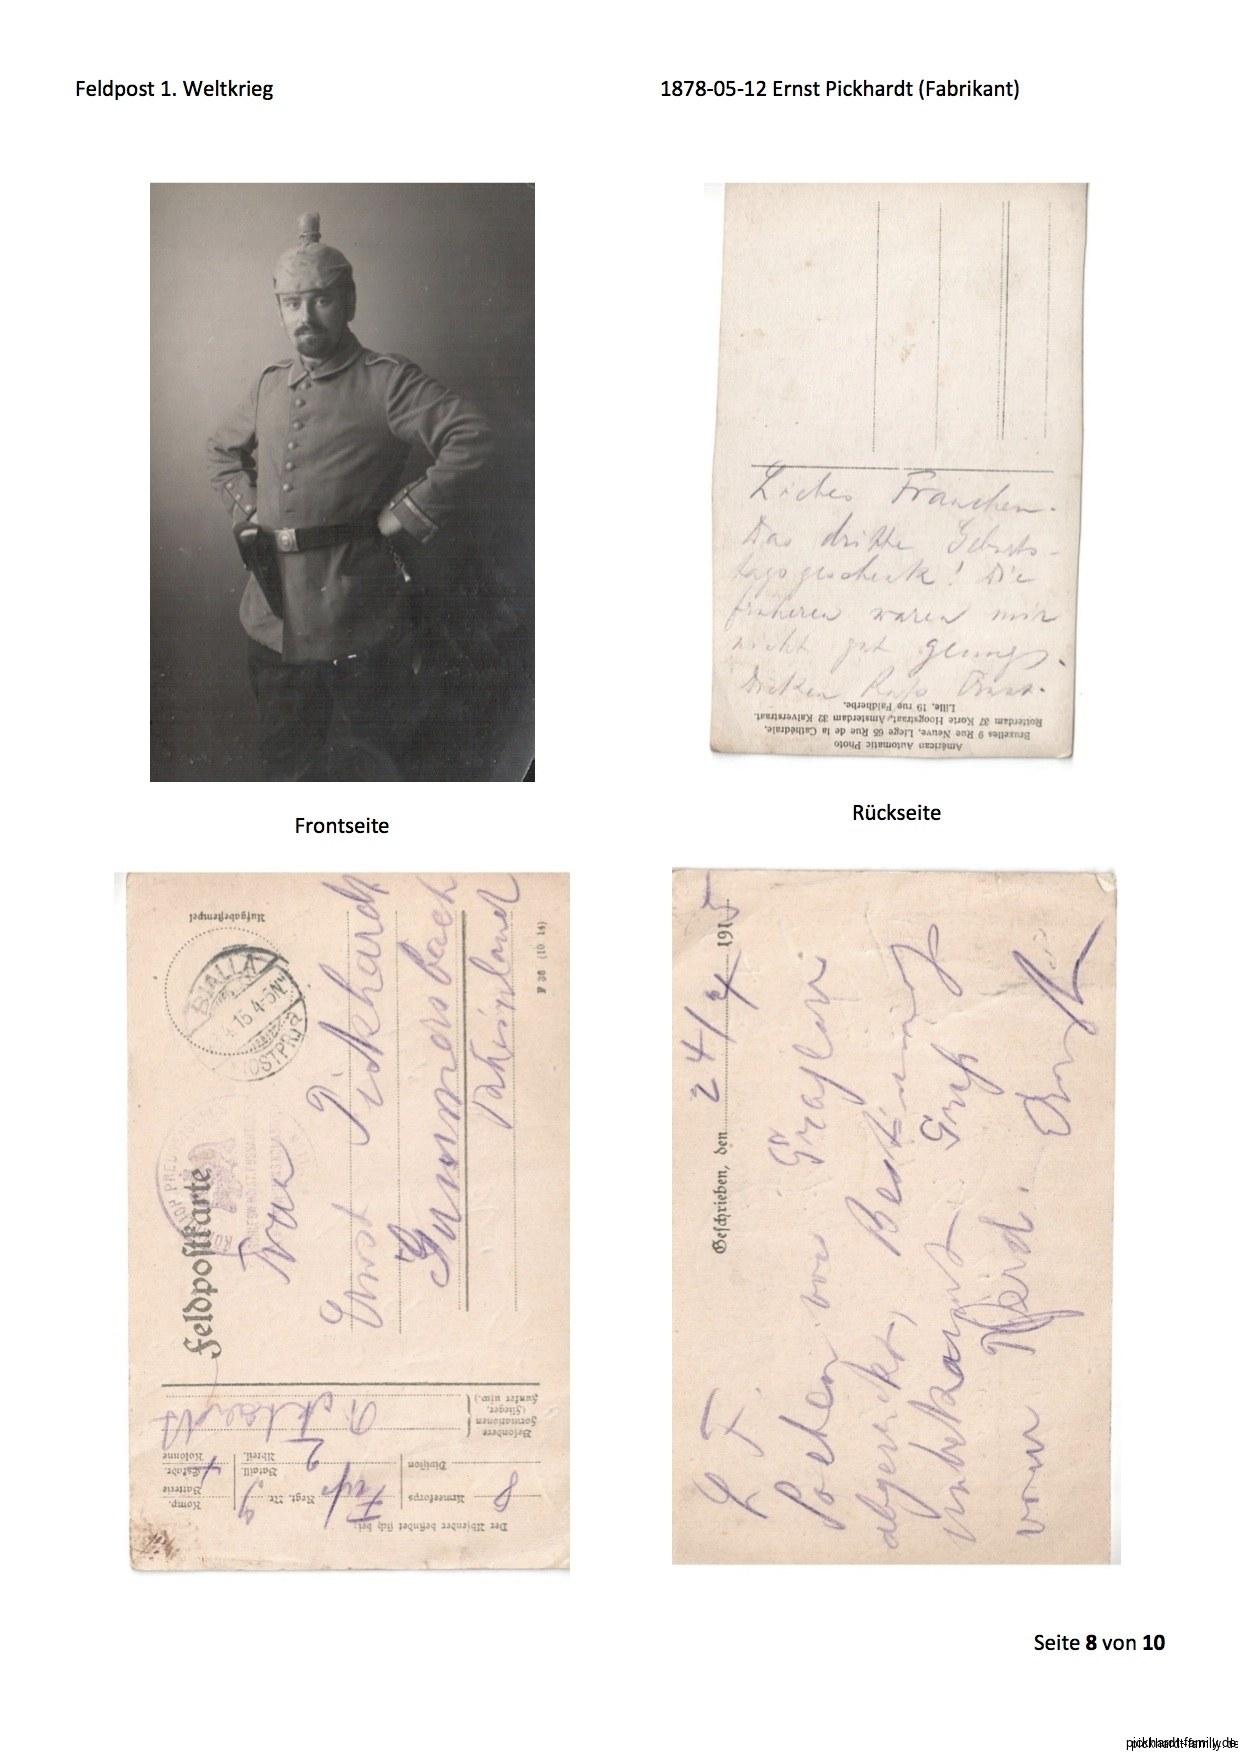 1914 Feldpost von Ernst Pickardt als Einjährig-Freiwilliger in Russland2